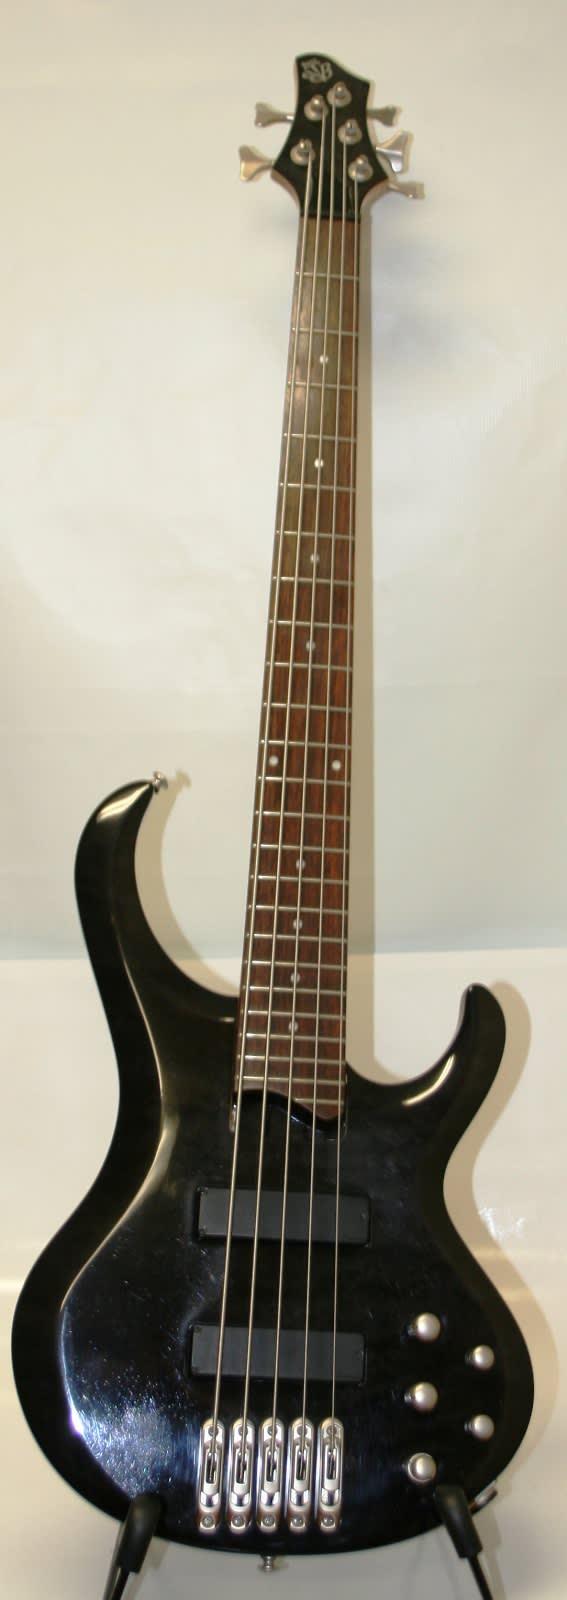 Tolle Hohner Bassgitarre Schaltplan Galerie - Elektrische Schaltplan ...